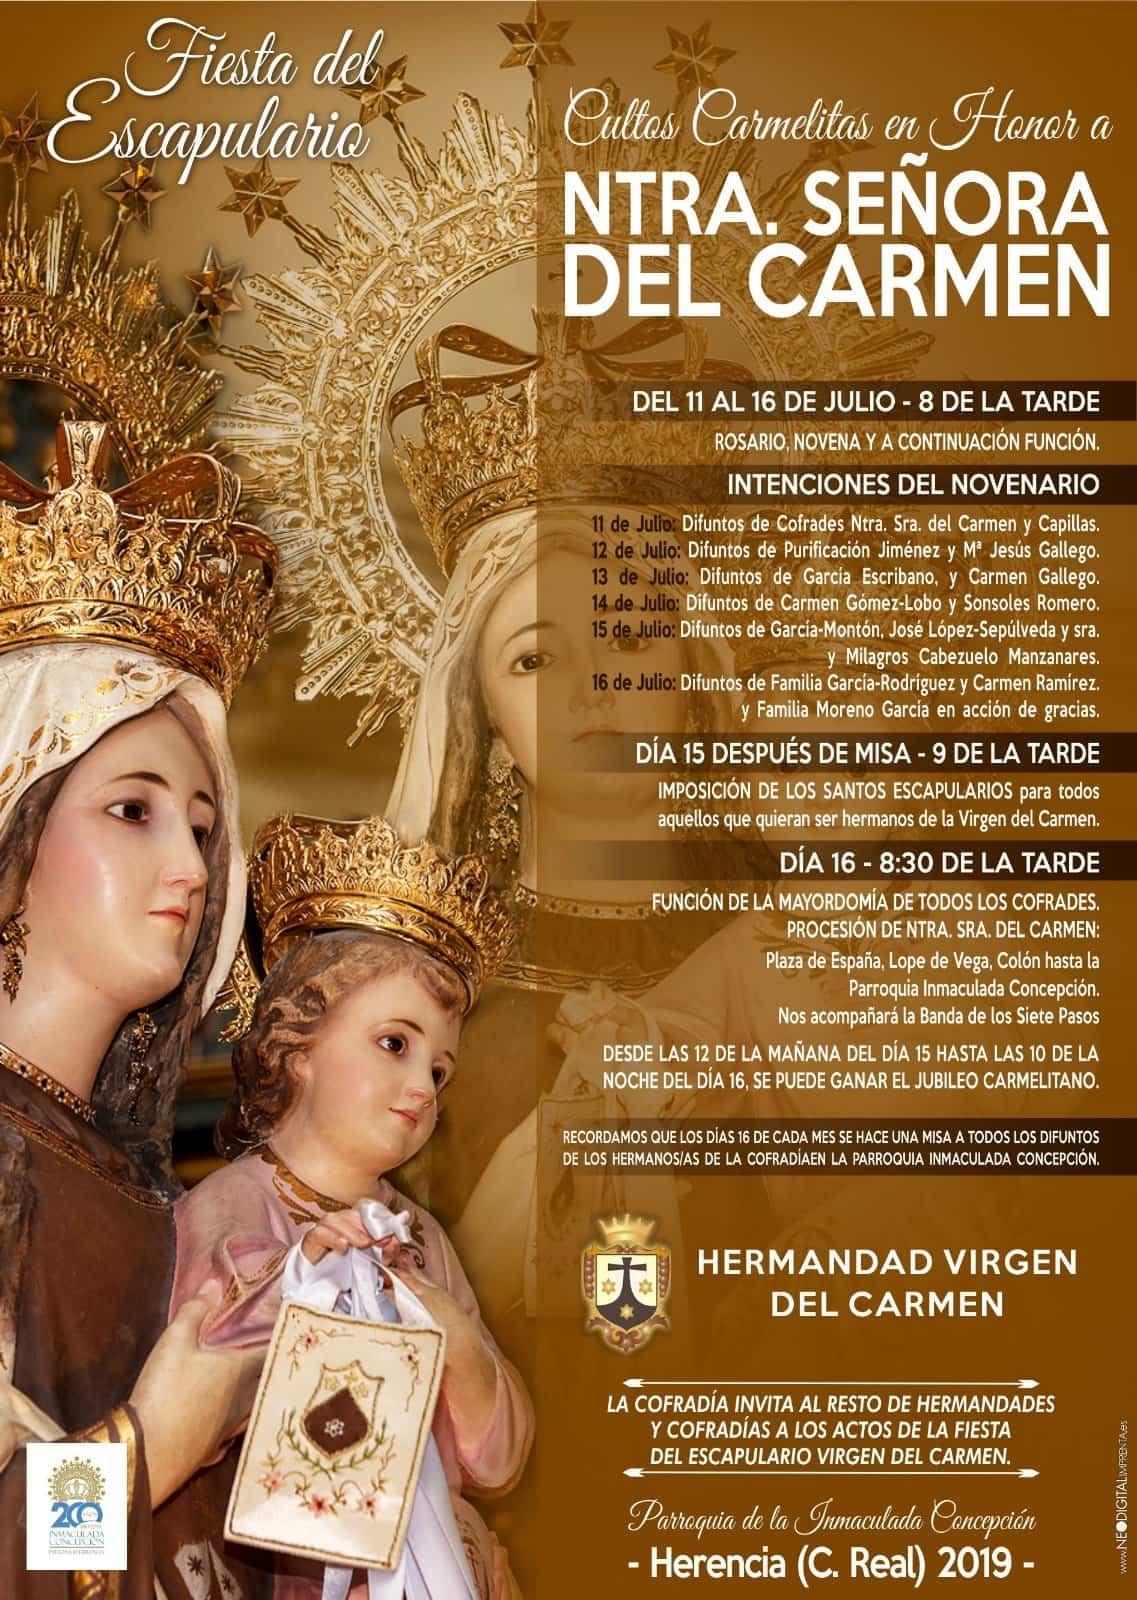 Cultos en honor a la Virgen del Carmen - Fiesta del Escapulario de la Virgen del Carmen en Herencia